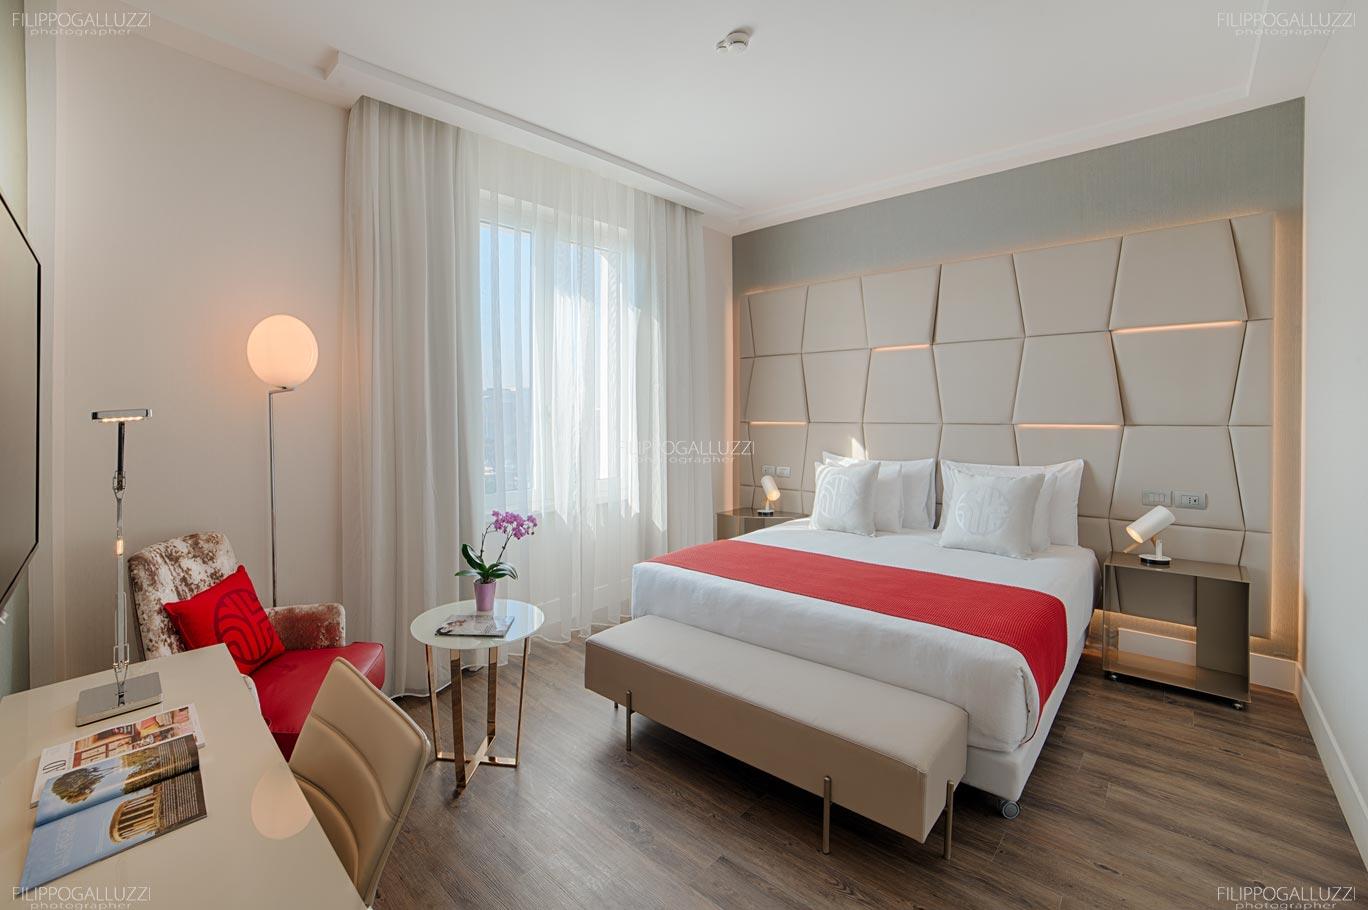 servizio fotografico hotel roma